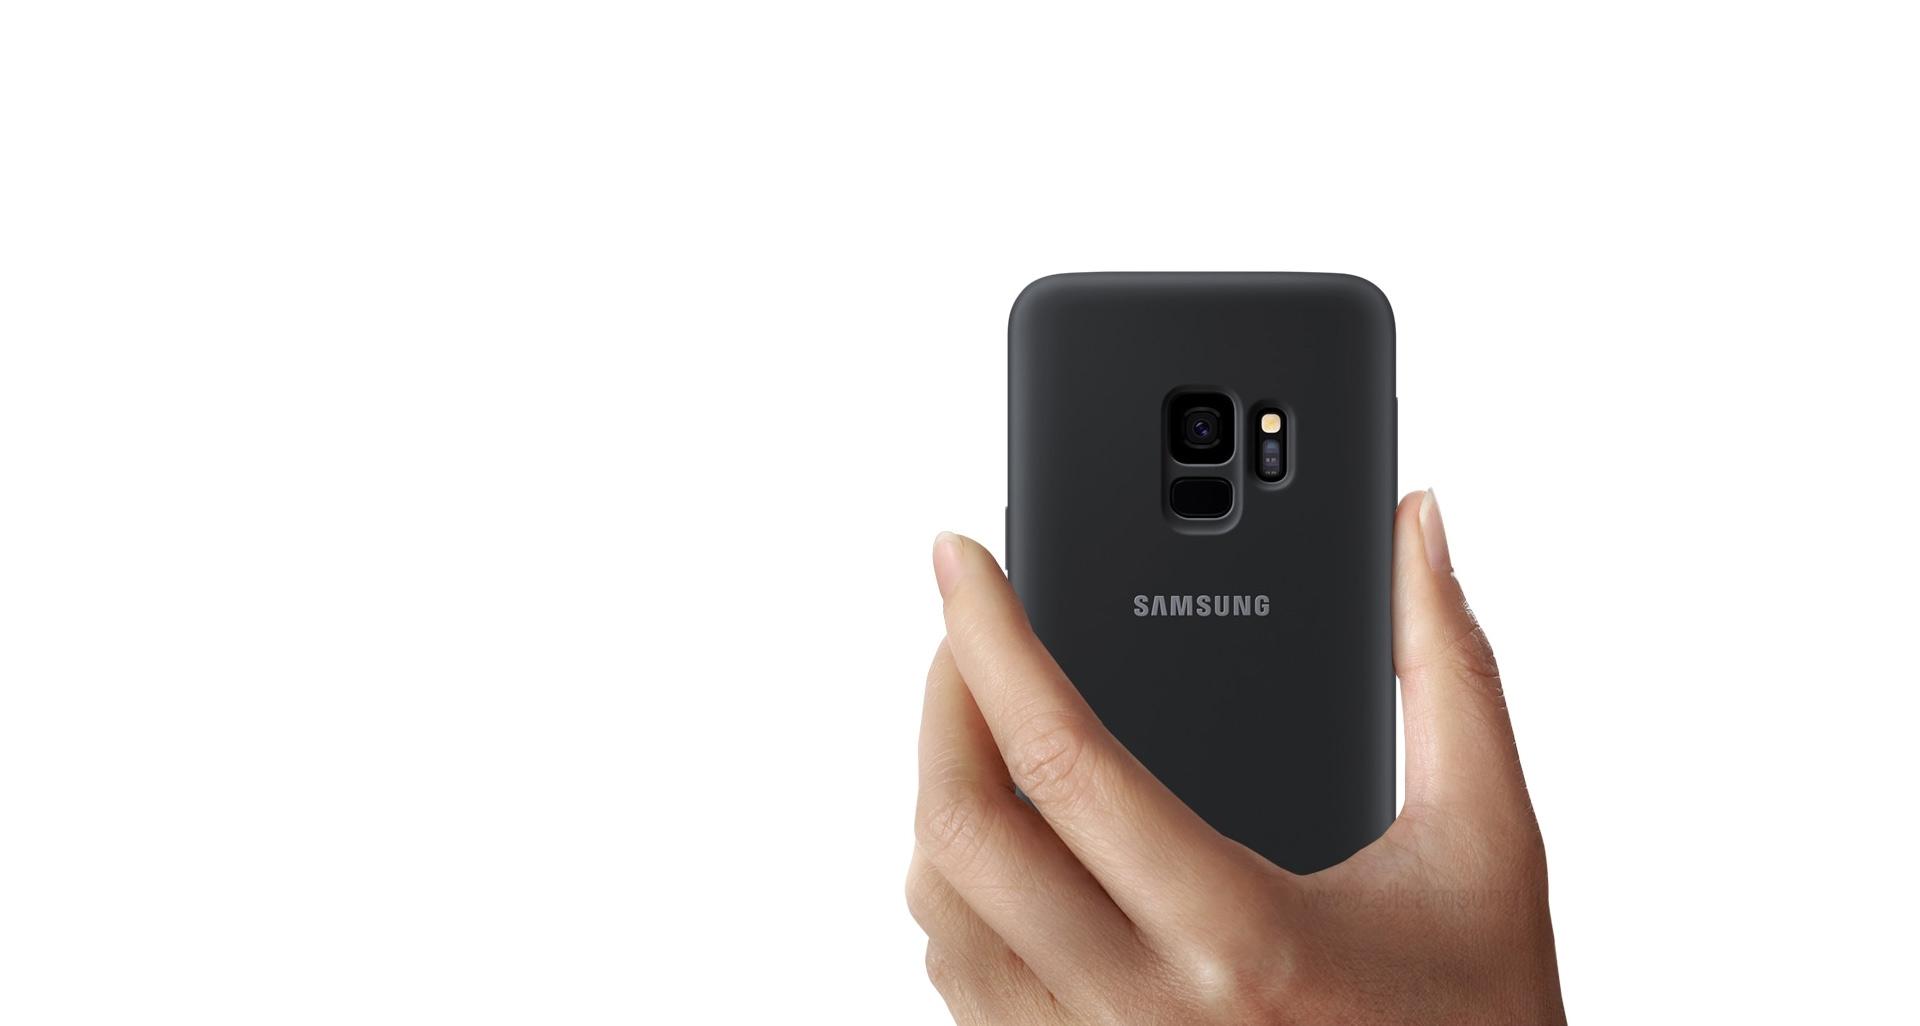 پوشش سیلیکونی و نرم مناسب گوشی S9 سامسونگ